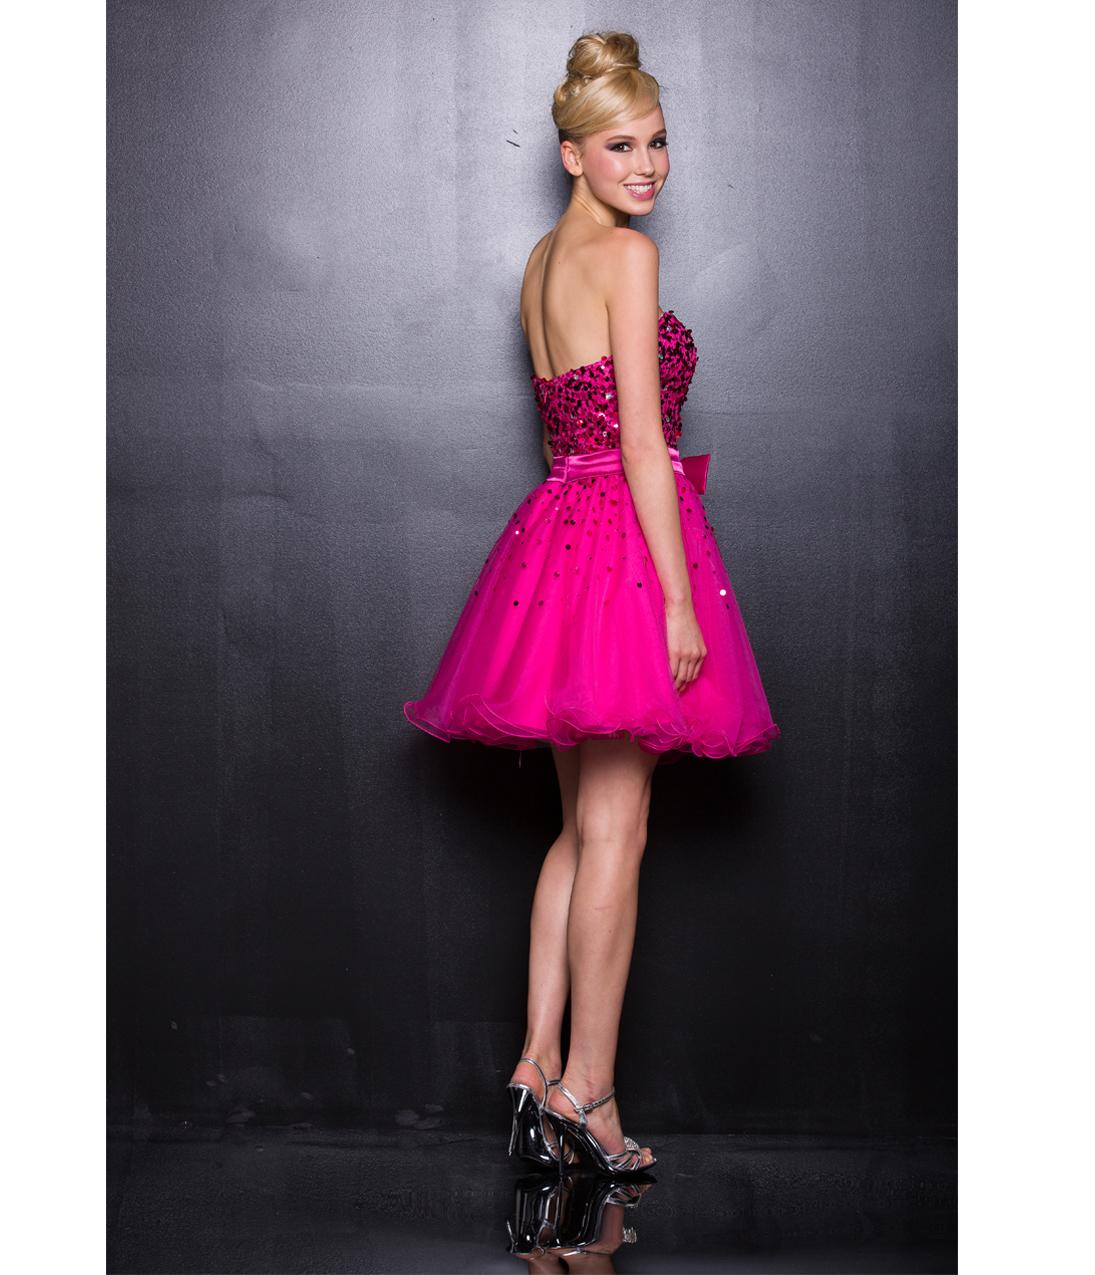 2013 Prom Dresses - Pink One Shoulder Tulle Short Prom Dress ...